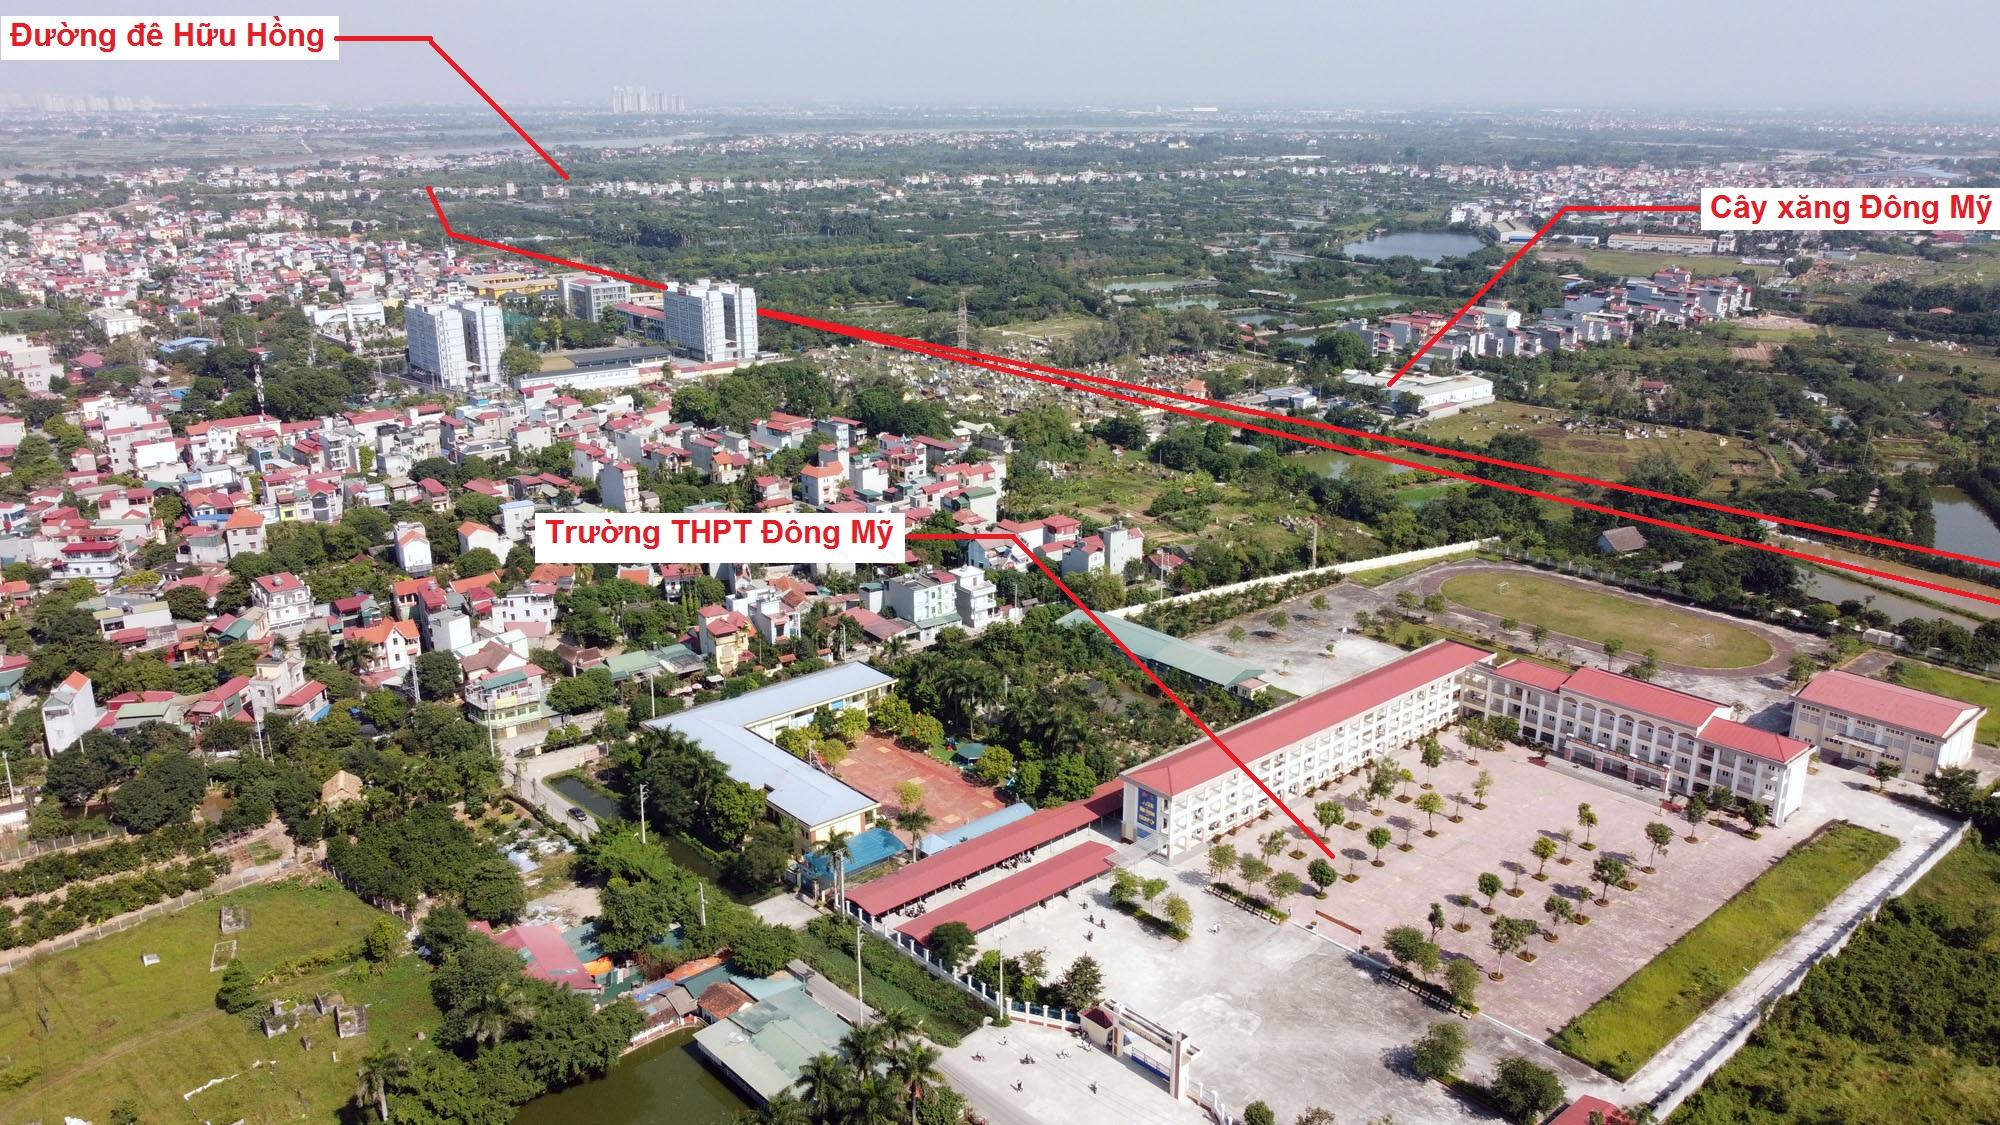 Ba đường sẽ mở theo quy hoạch ở xã Đông Mỹ, Thanh Trì, Hà Nội - Ảnh 9.